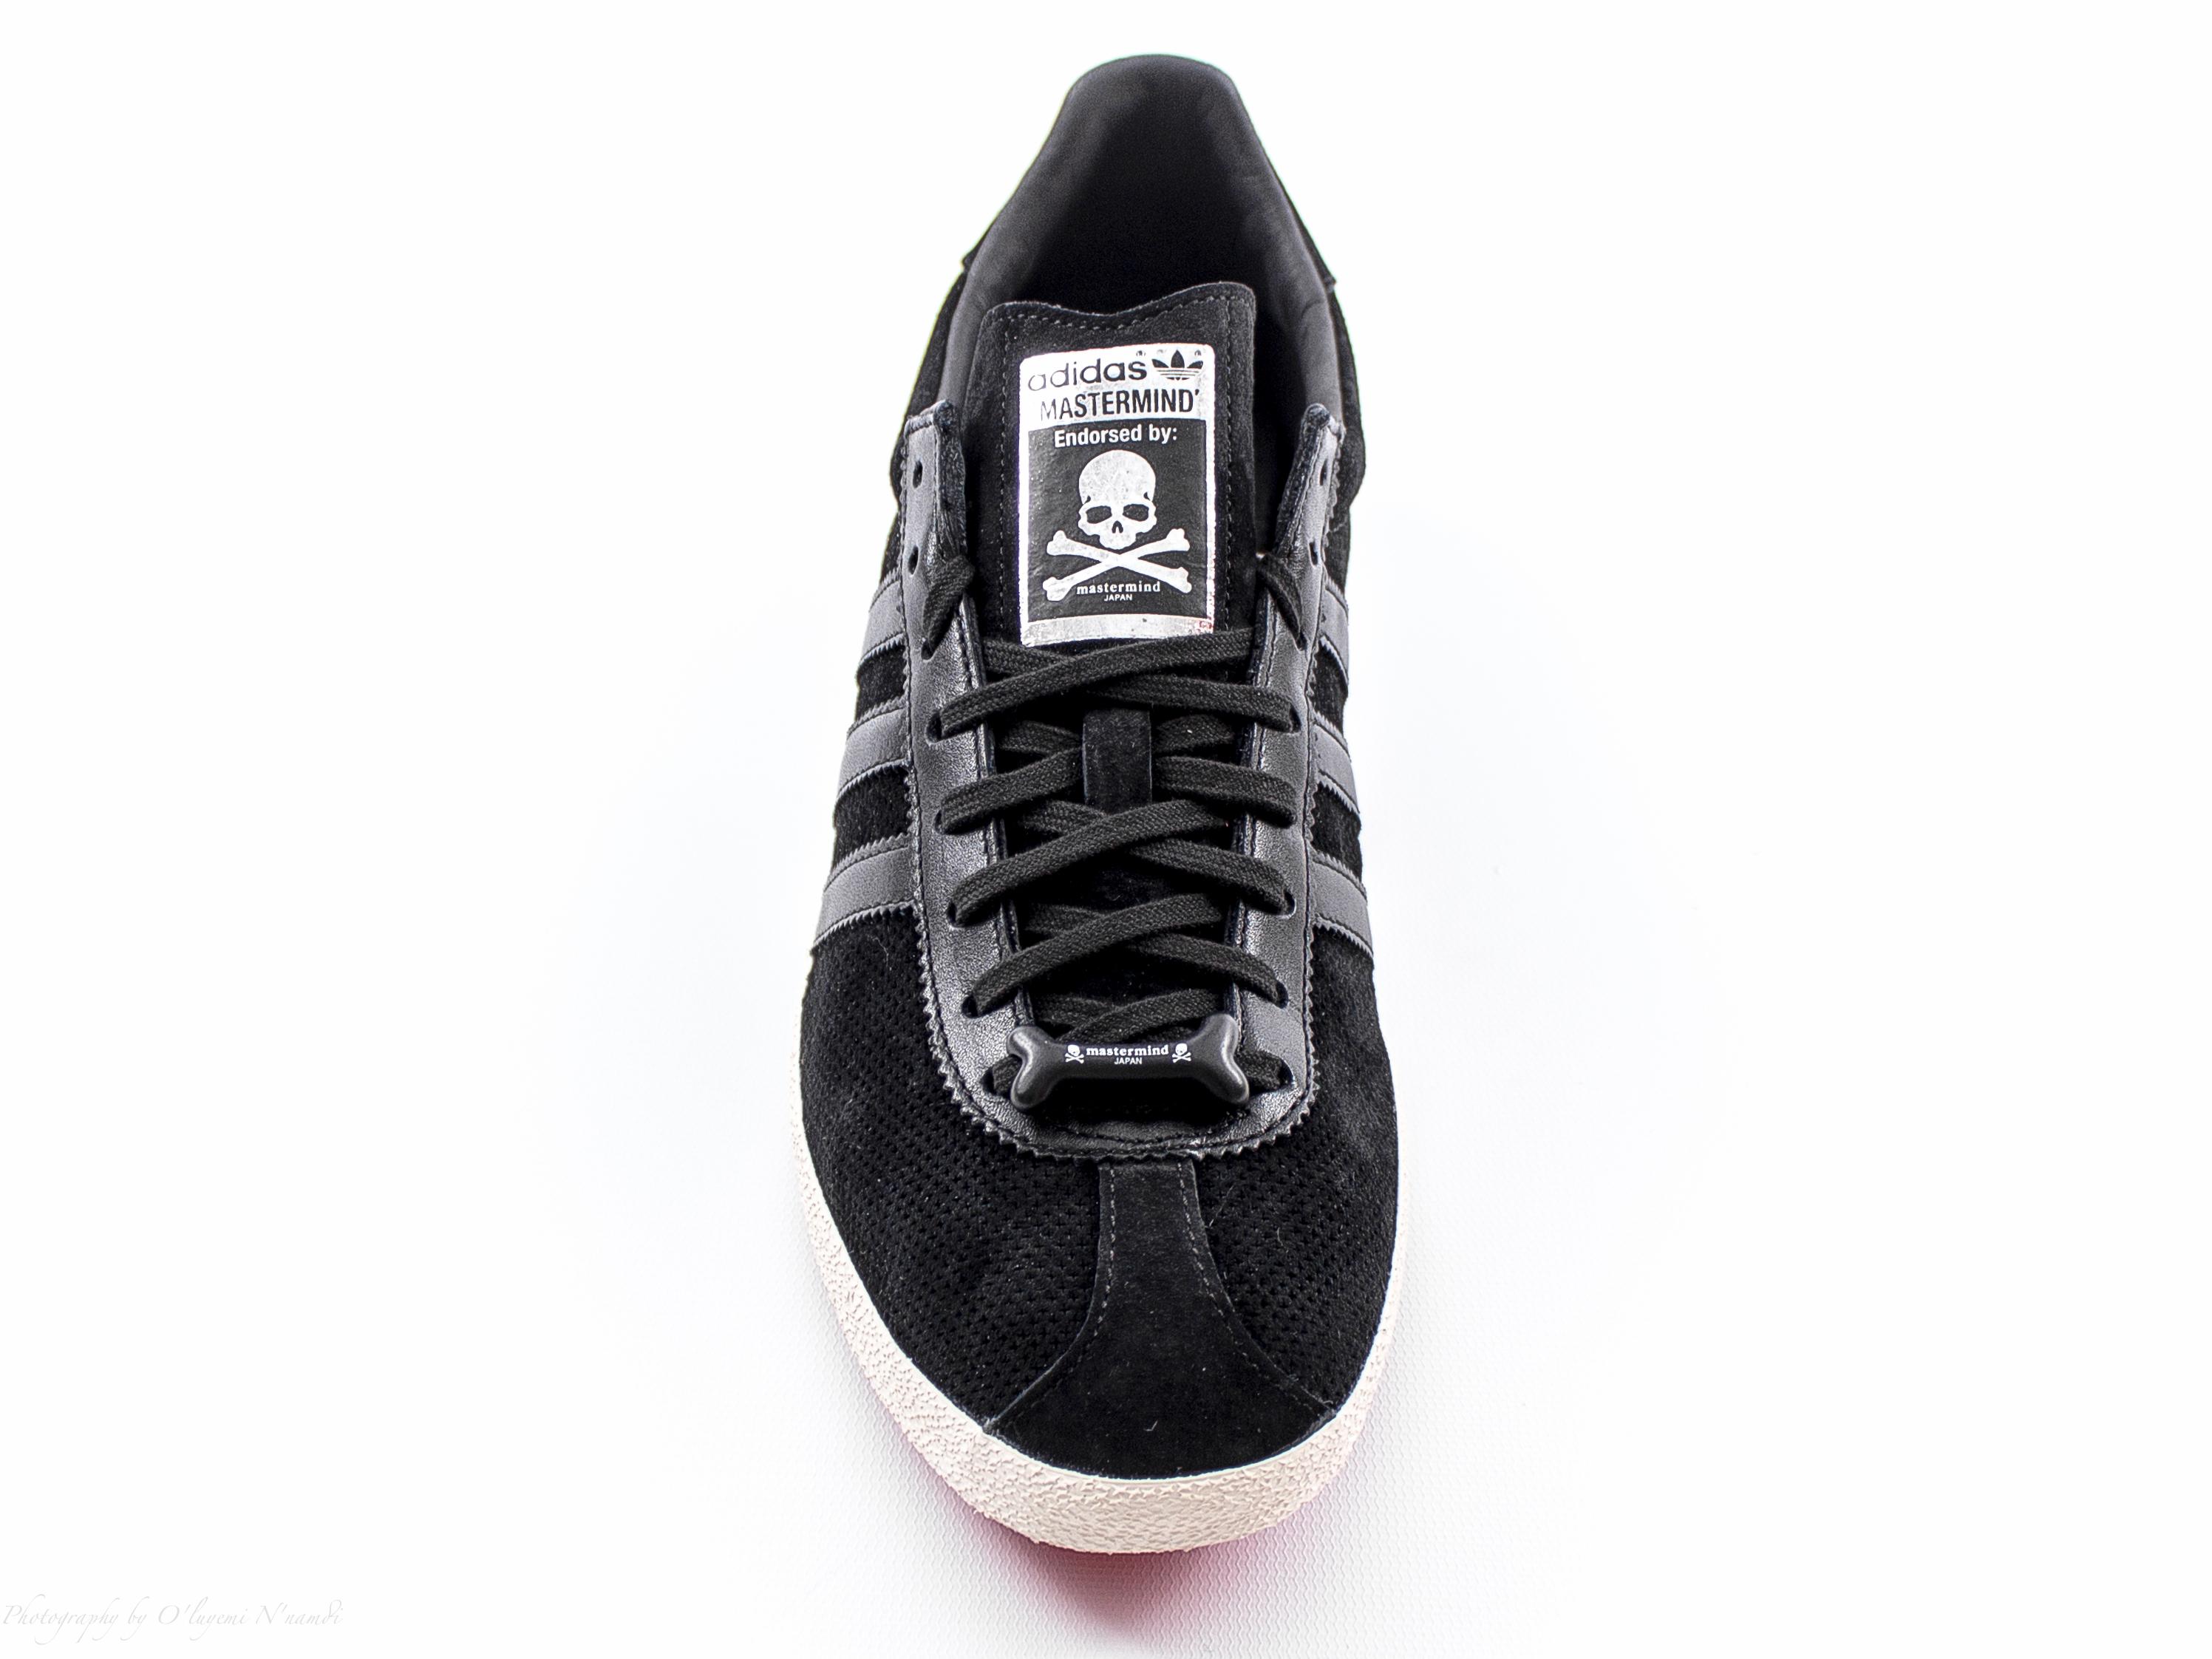 adidas gazelle x mastermind